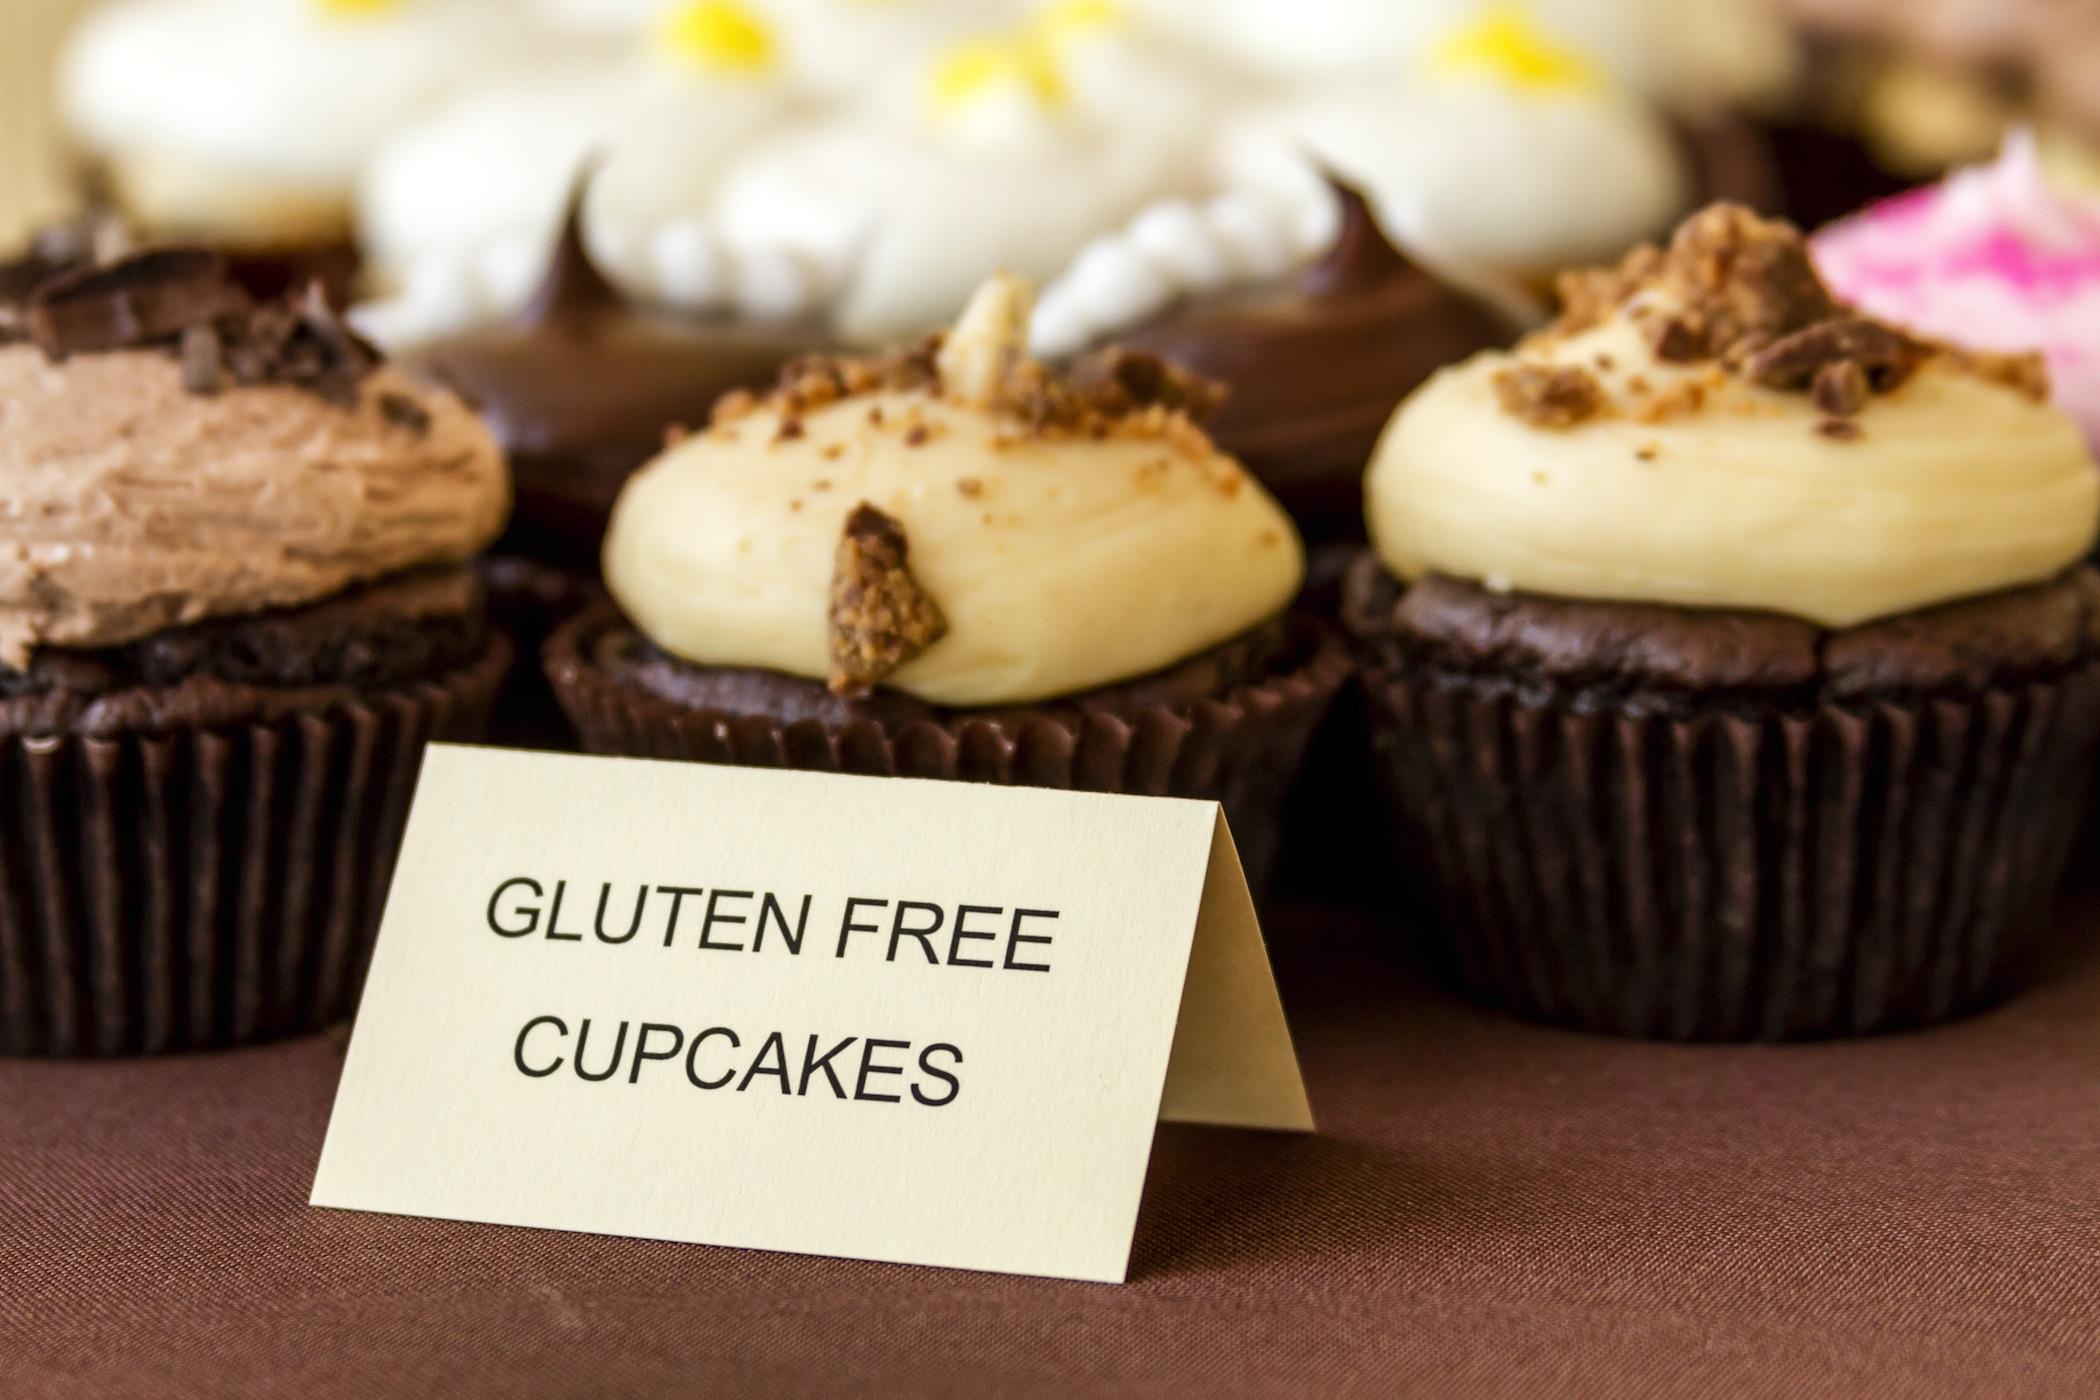 nyc-eat-gluten-free-walking-tour